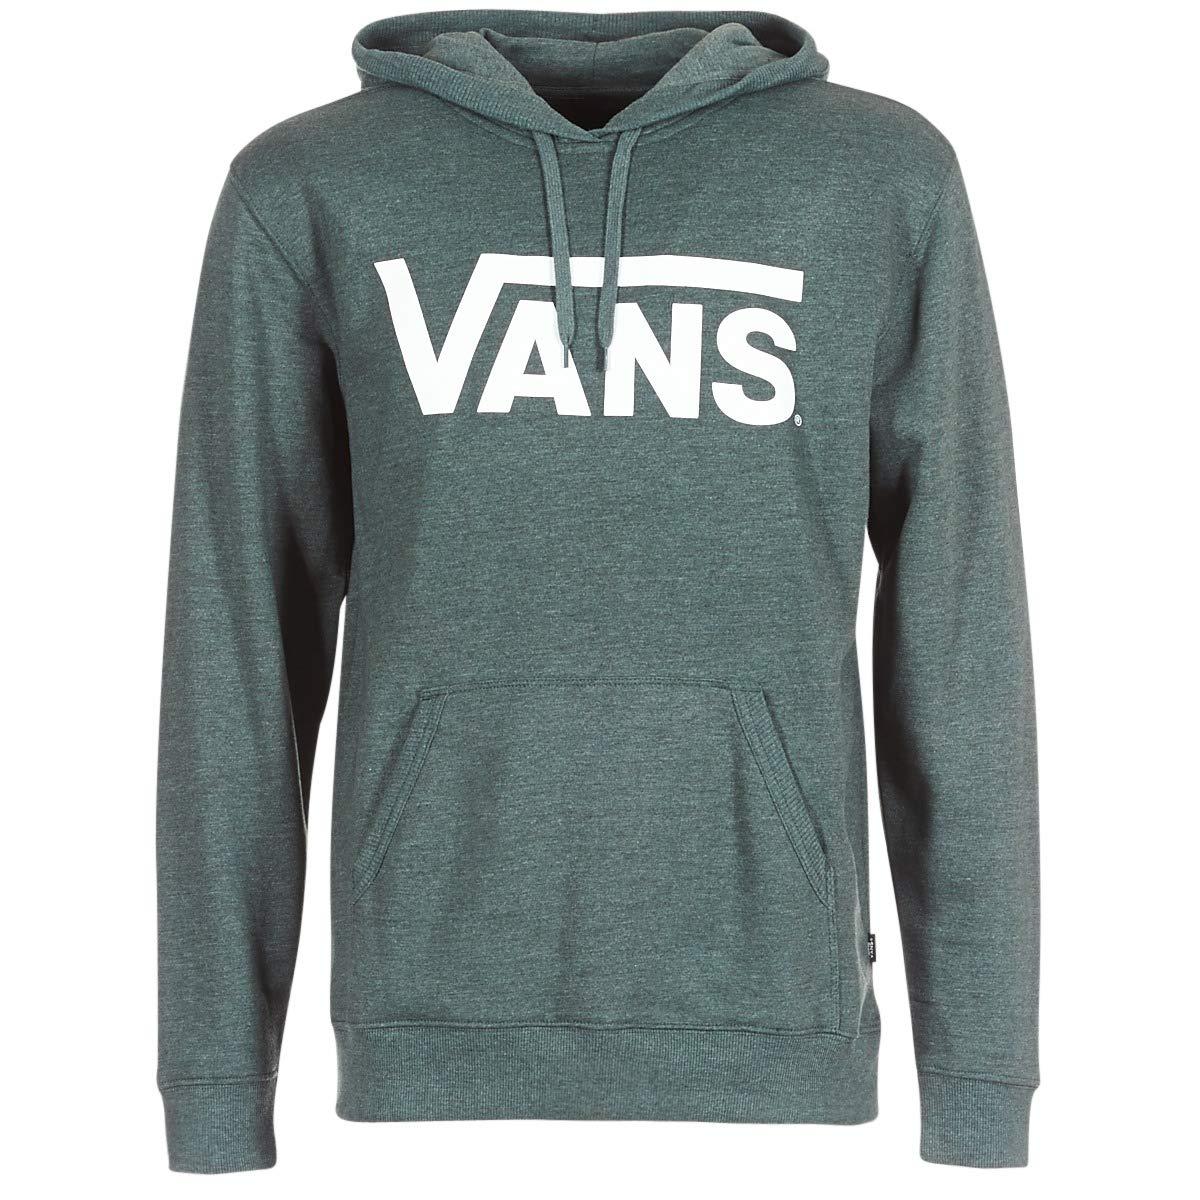 8908ea0b24a7 Vans mens classic pullover hoodie vans clothing jpg 1200x1200 Vans  sweatshirts